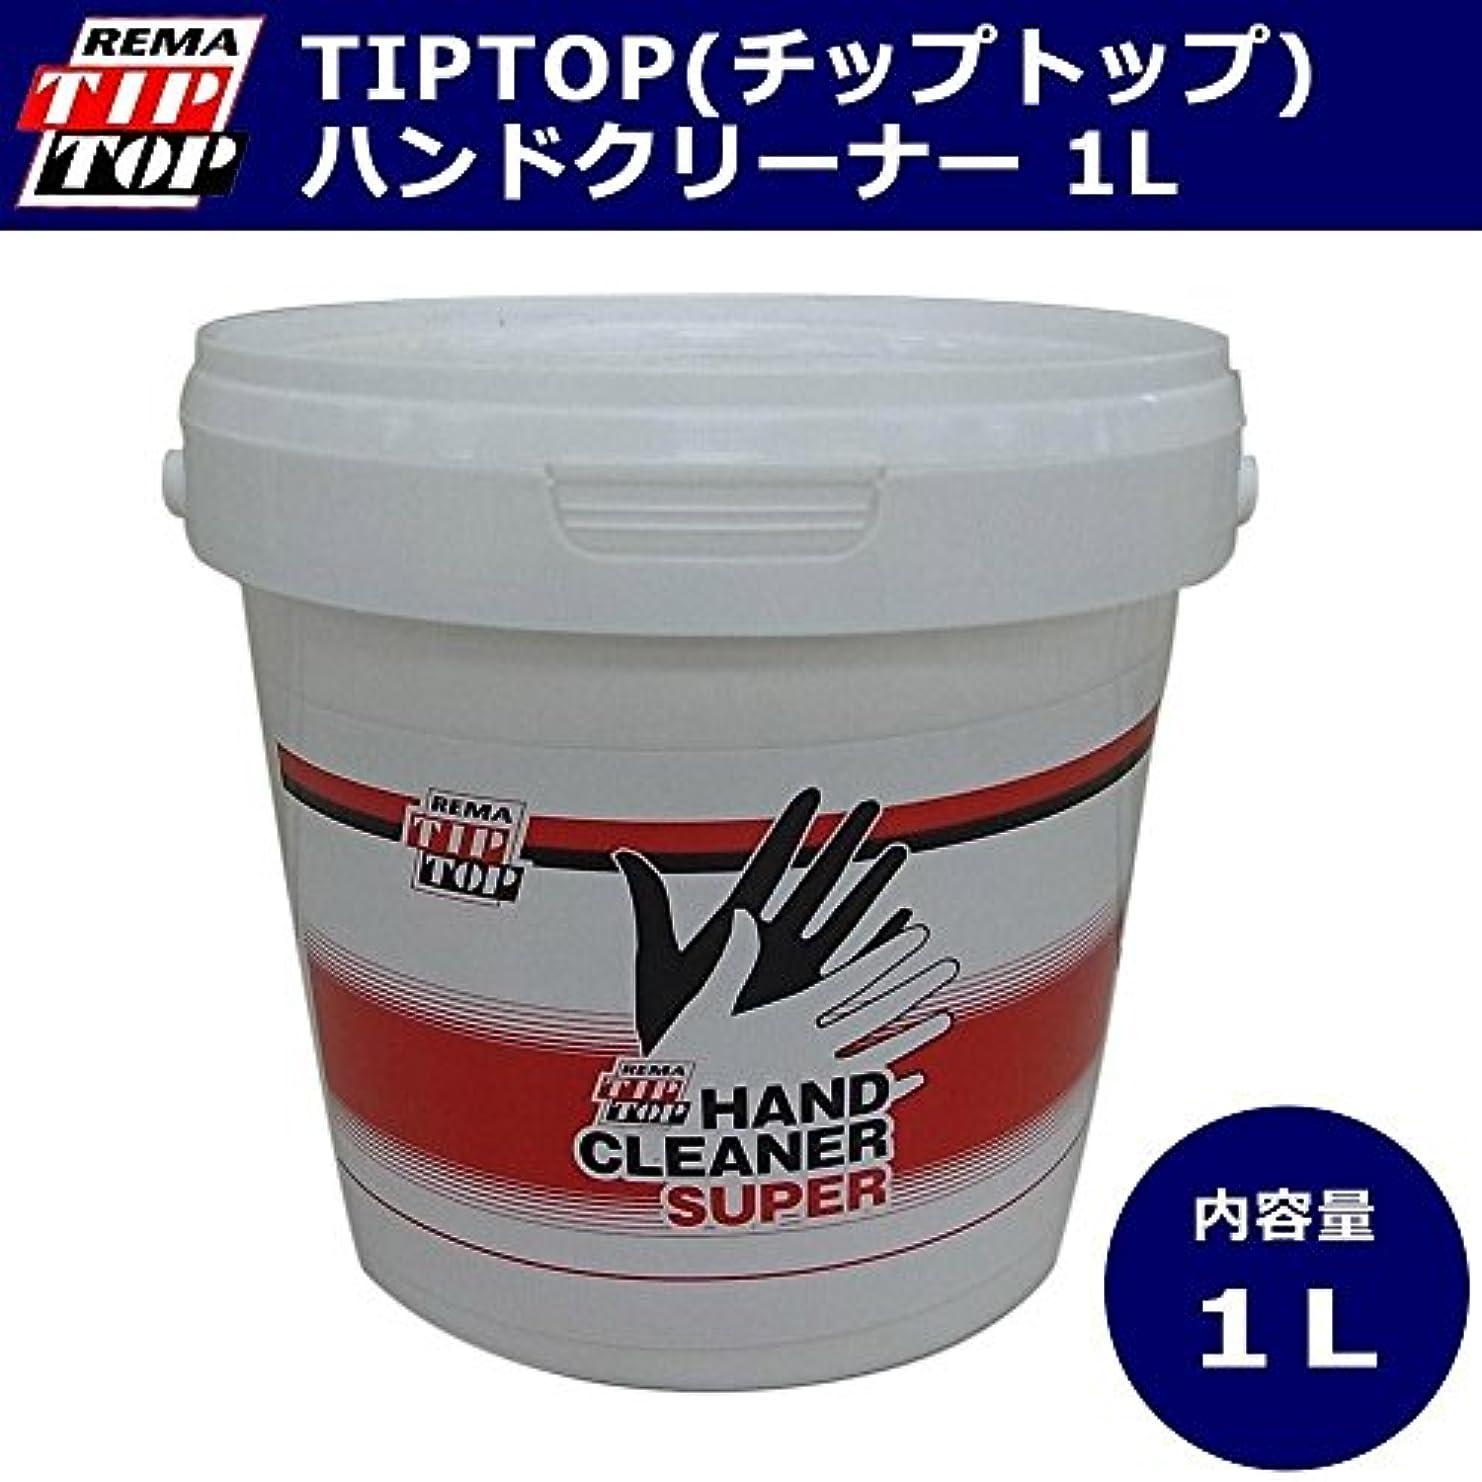 バイオリニスト不良品充実TIPTOP(チップトップ) ハンドクリーナー 1L H-051